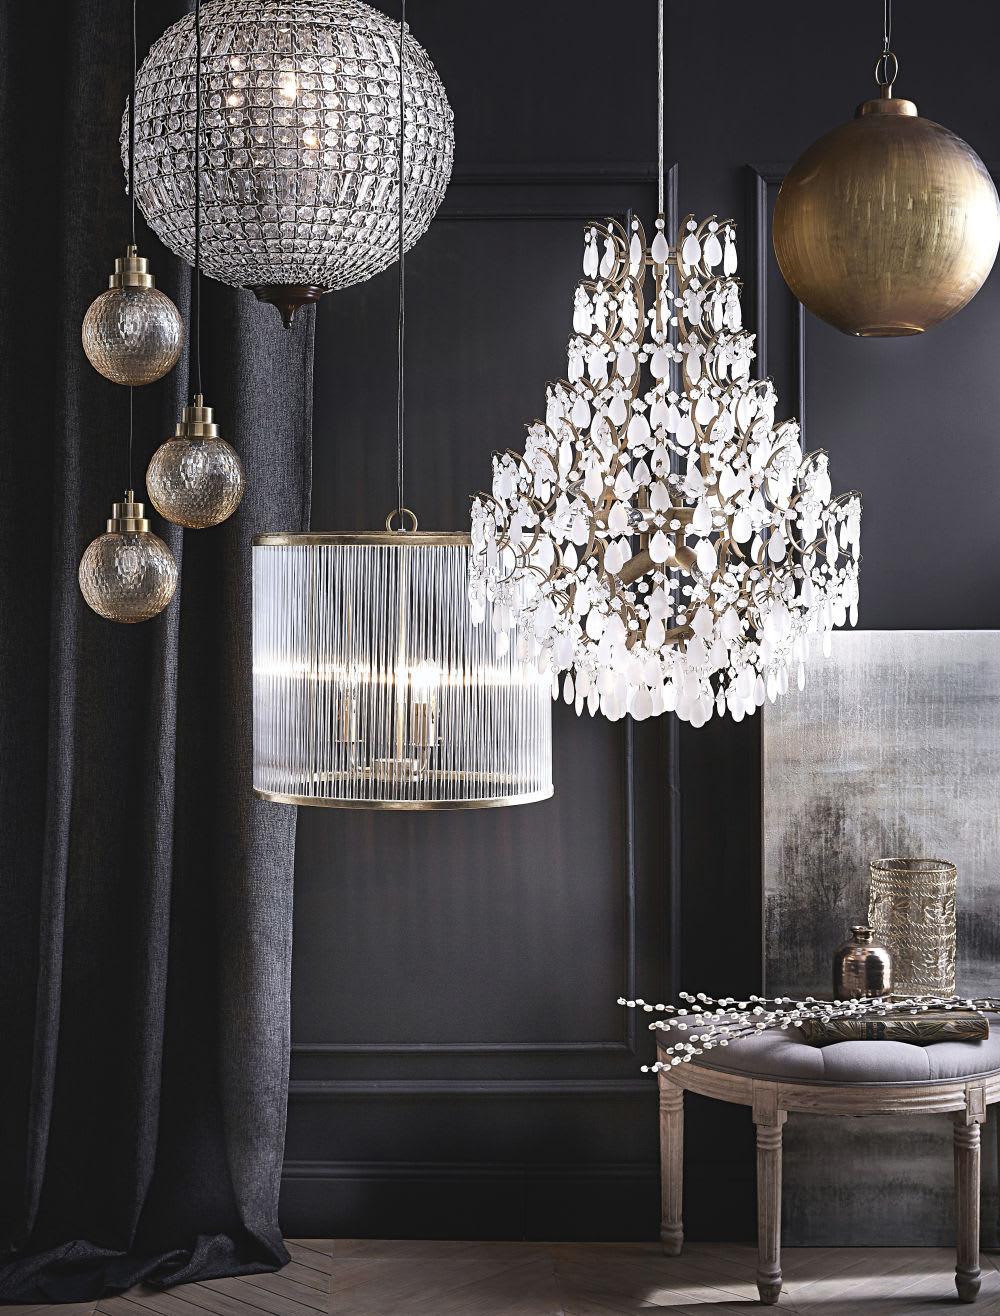 Lampade Sospensione A Grappolo lampada a sospensione a grappolo con 3 paralumi in vetro cesellato ambrato  | maisons du monde